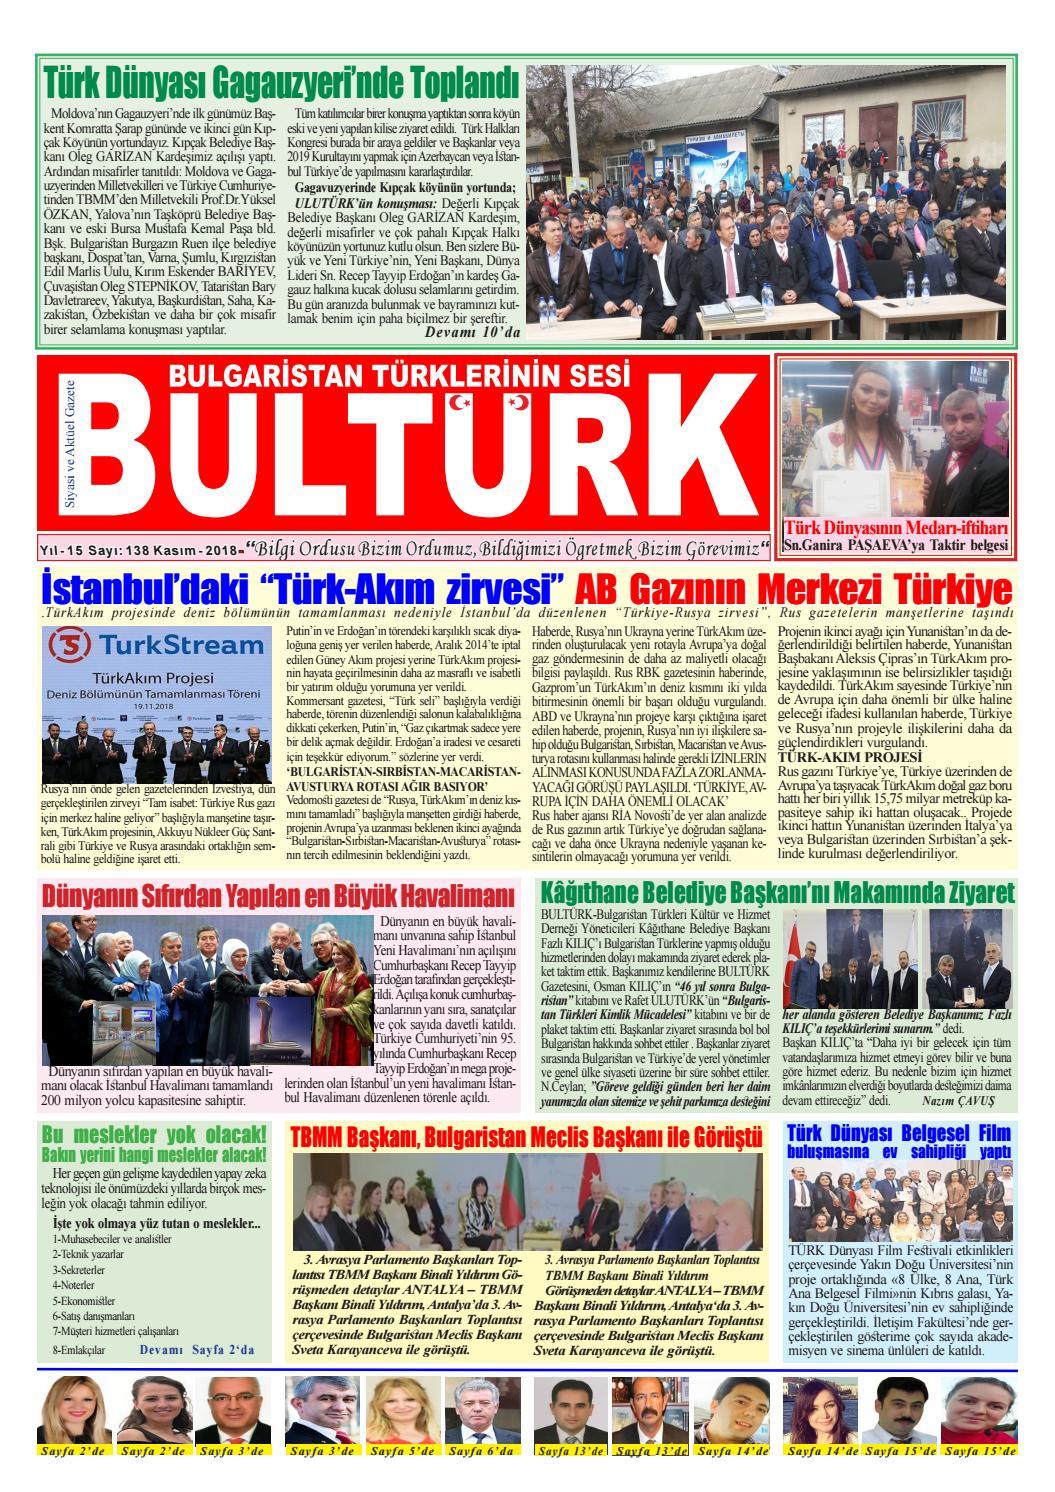 Erdoğandan Anıtkabirdeki 29 Ekim töreninde 3. havalimanı vurgusu: Tarihi açılış Türkiyenin gücünün sembolüdür 10